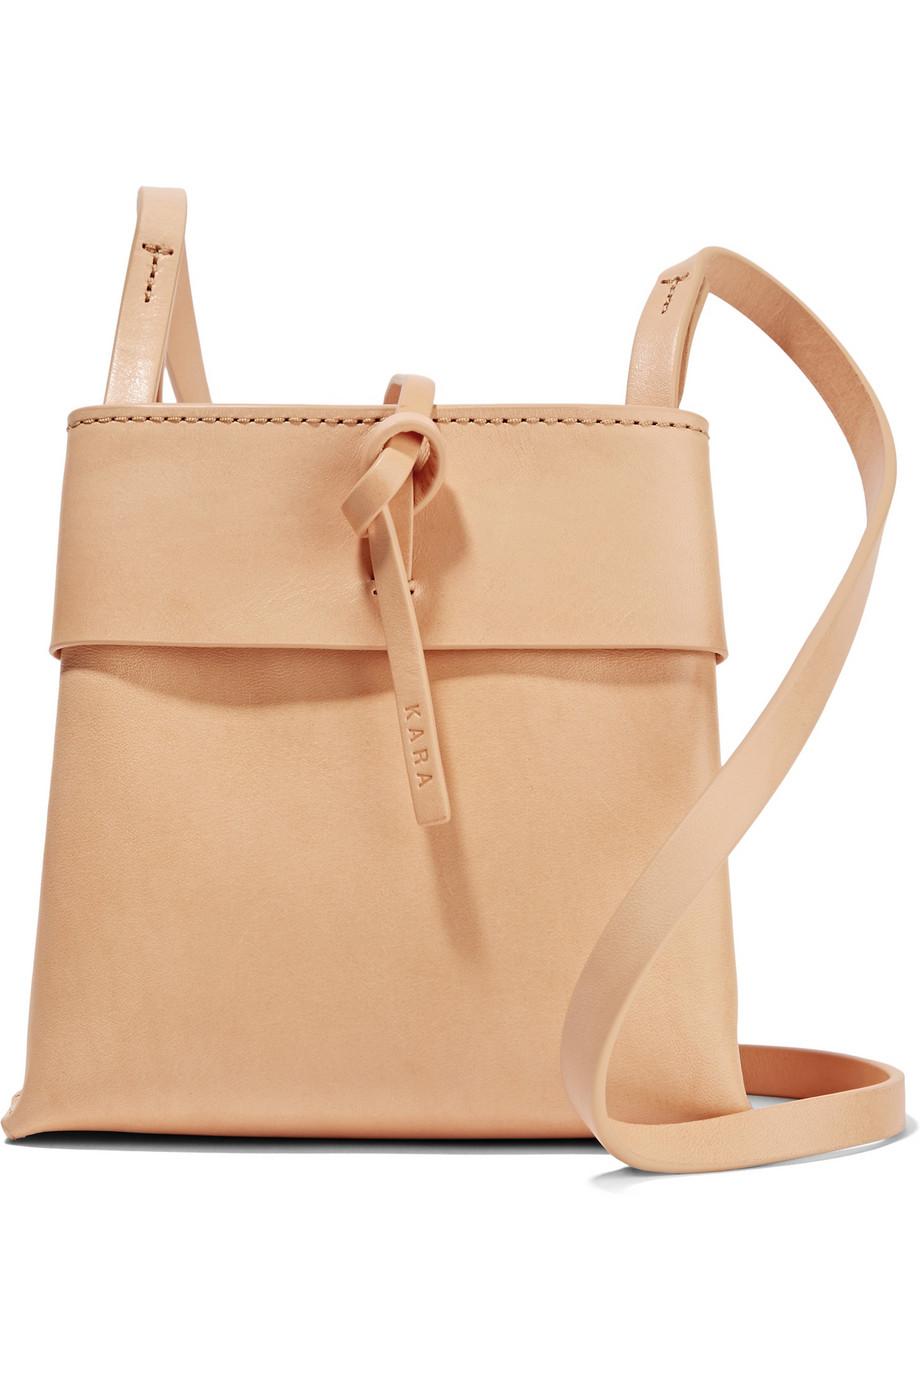 Nano Tie Shoulder Bag   Sleek vegetable tanned nano tie leather shoulder bag with a tie fastening at the top.  KARA $350